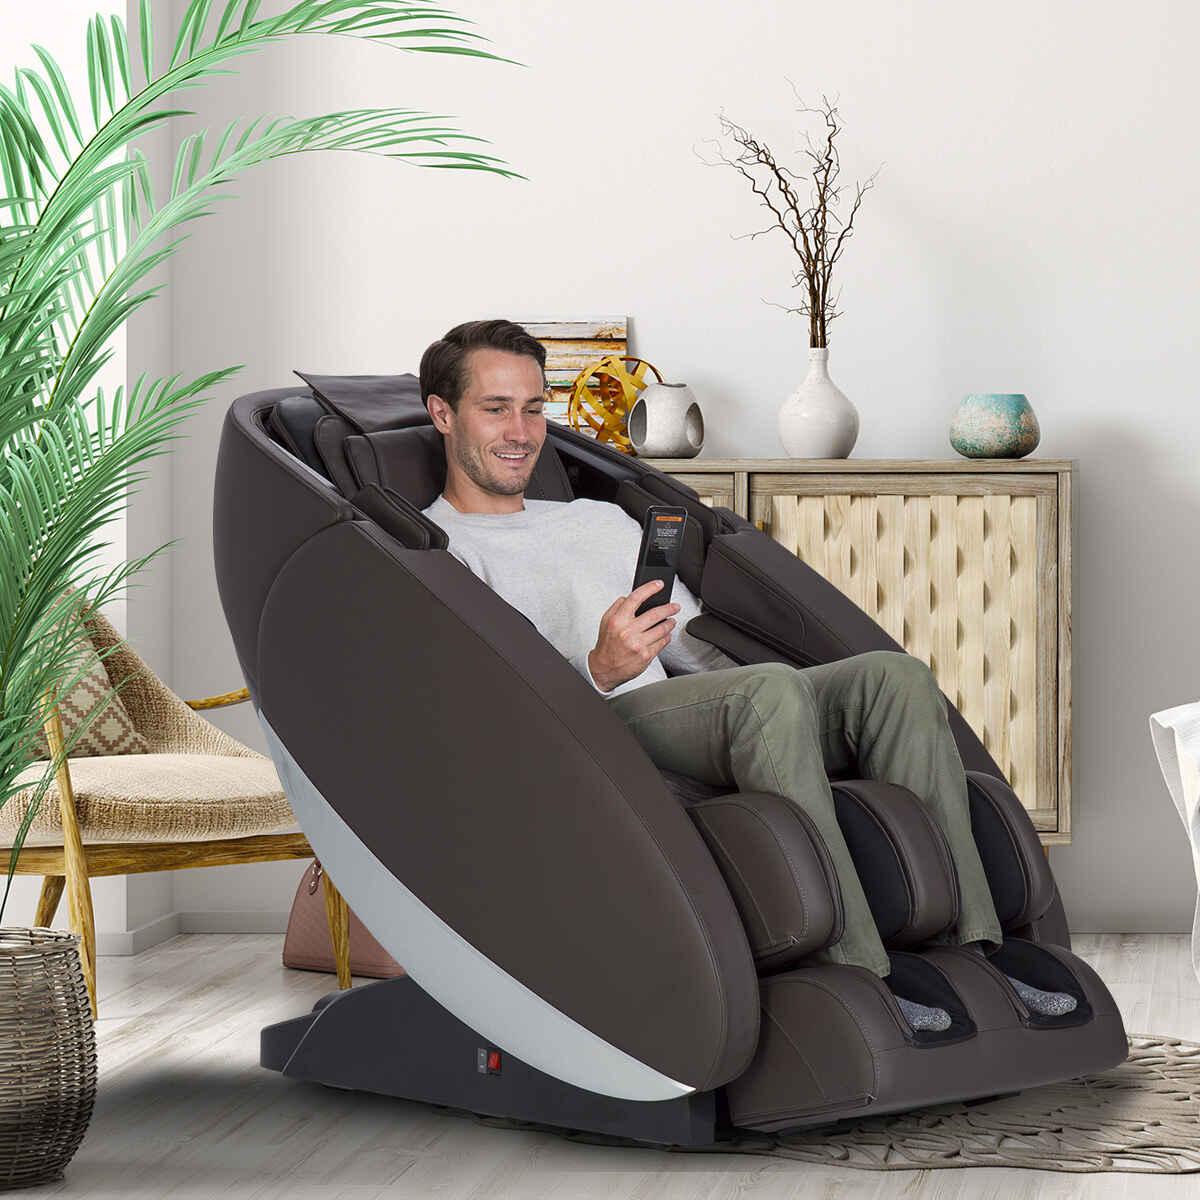 Novo XT2 massage chair